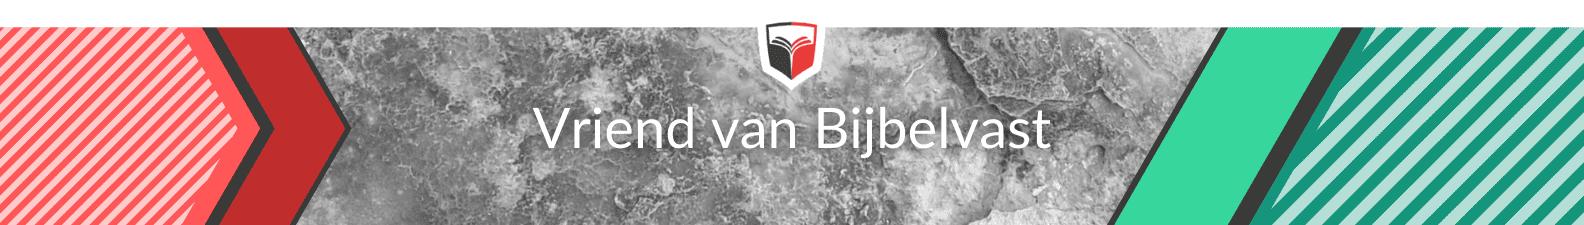 Vriend van Bijbelvast